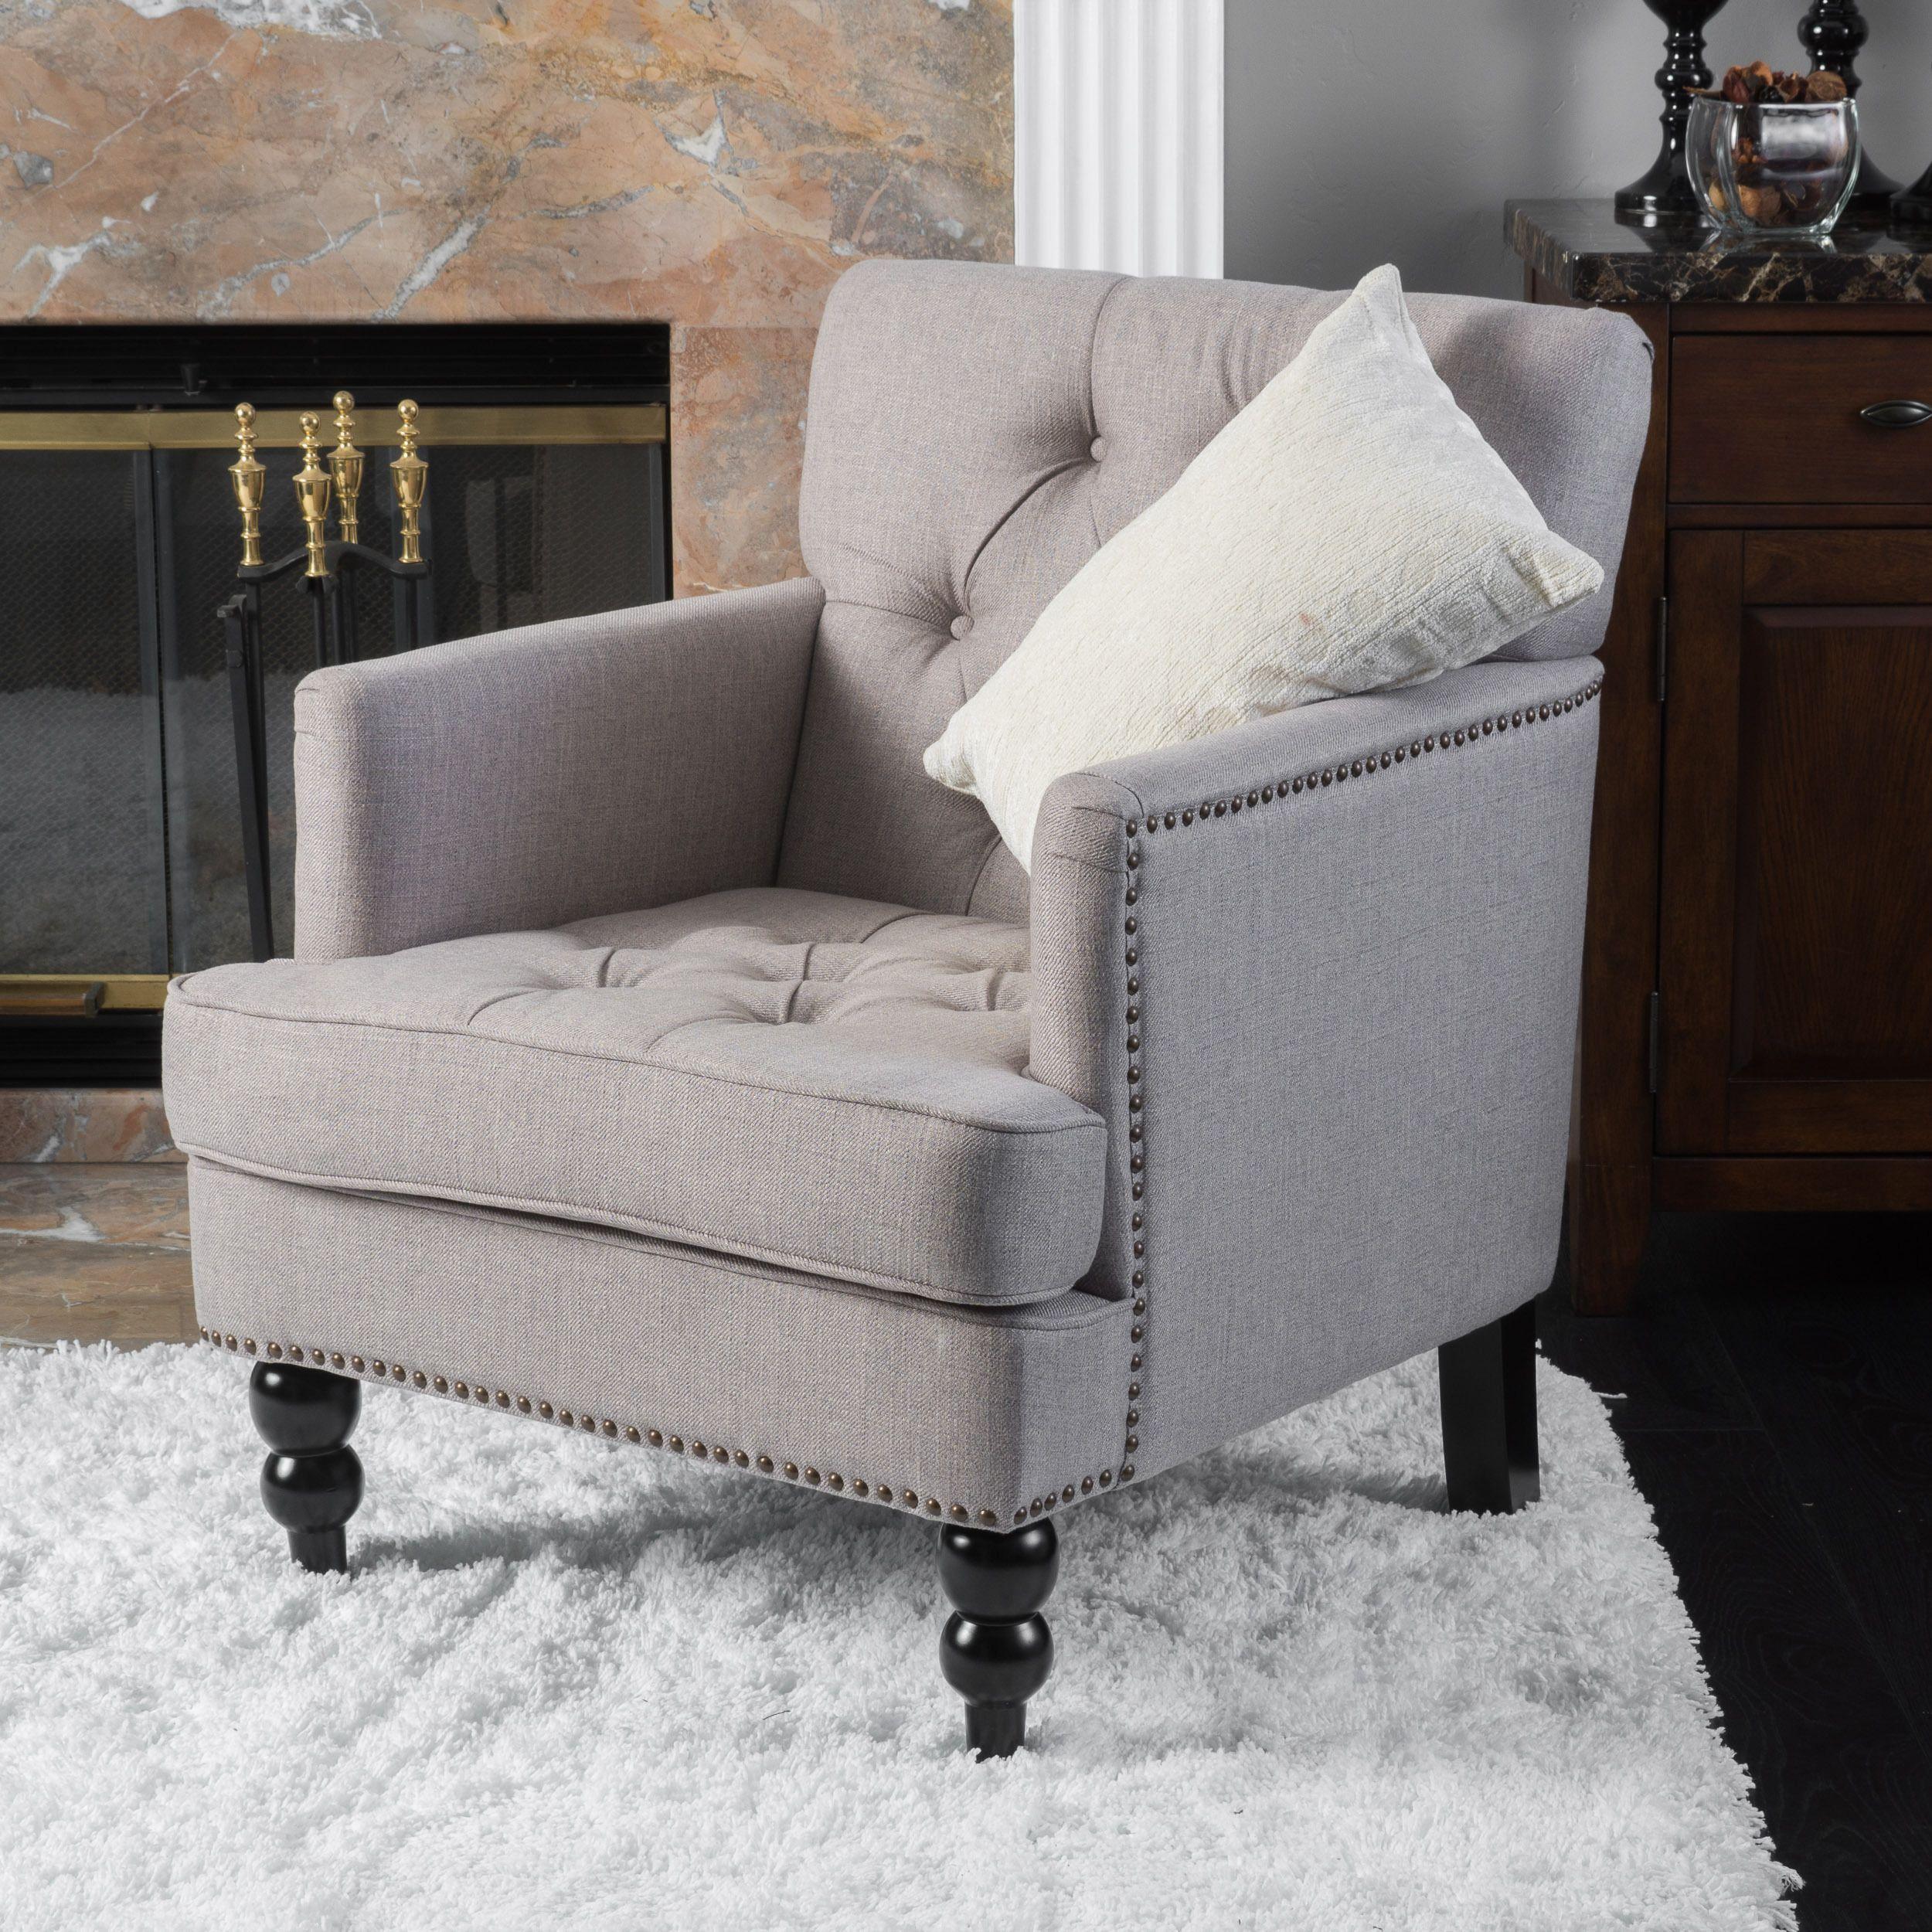 Cheap Sturdy Furniture: Pewter Fabric Club Chair, Grey